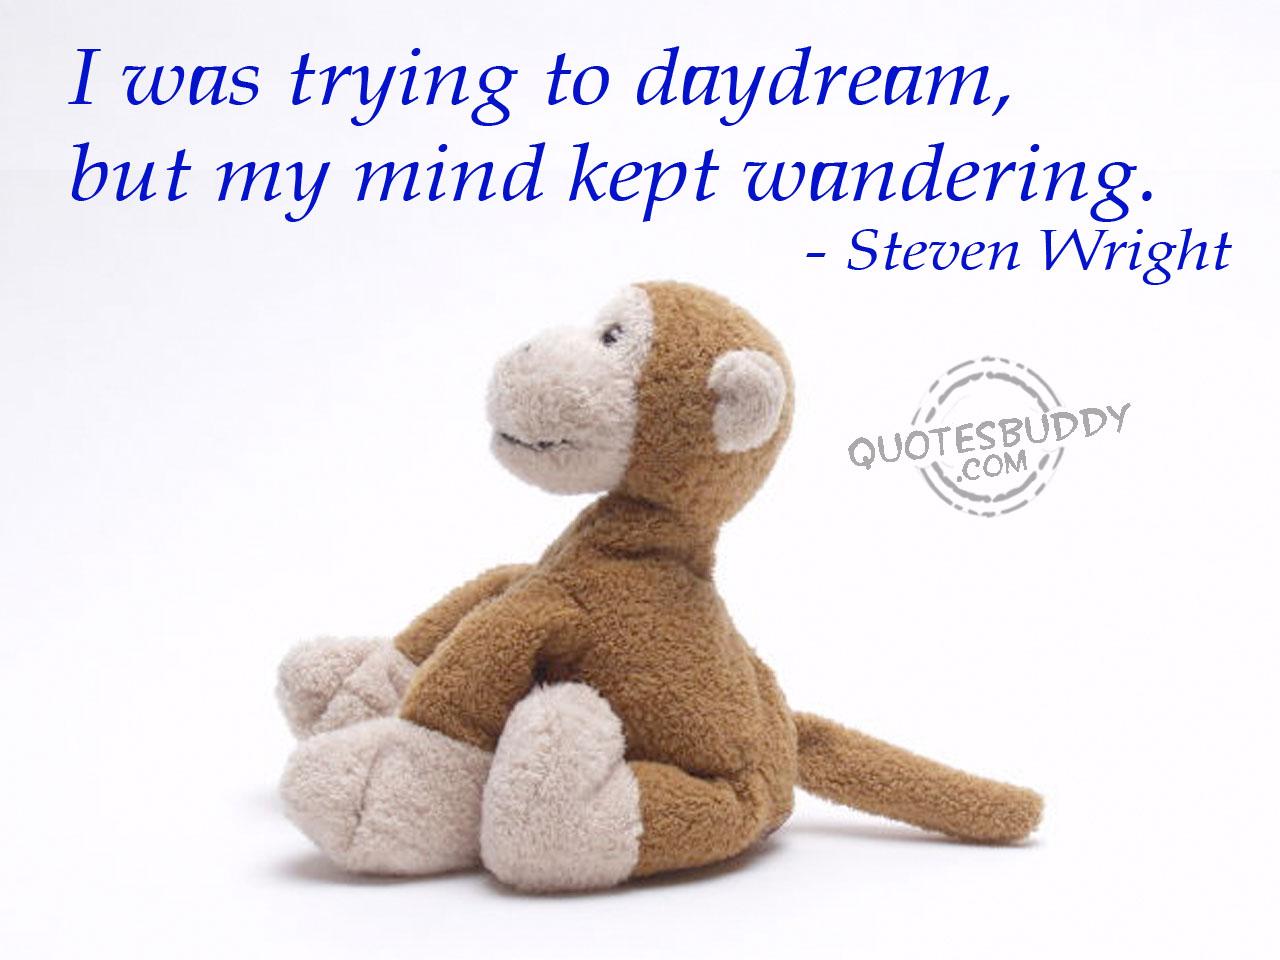 Daydream quote #2